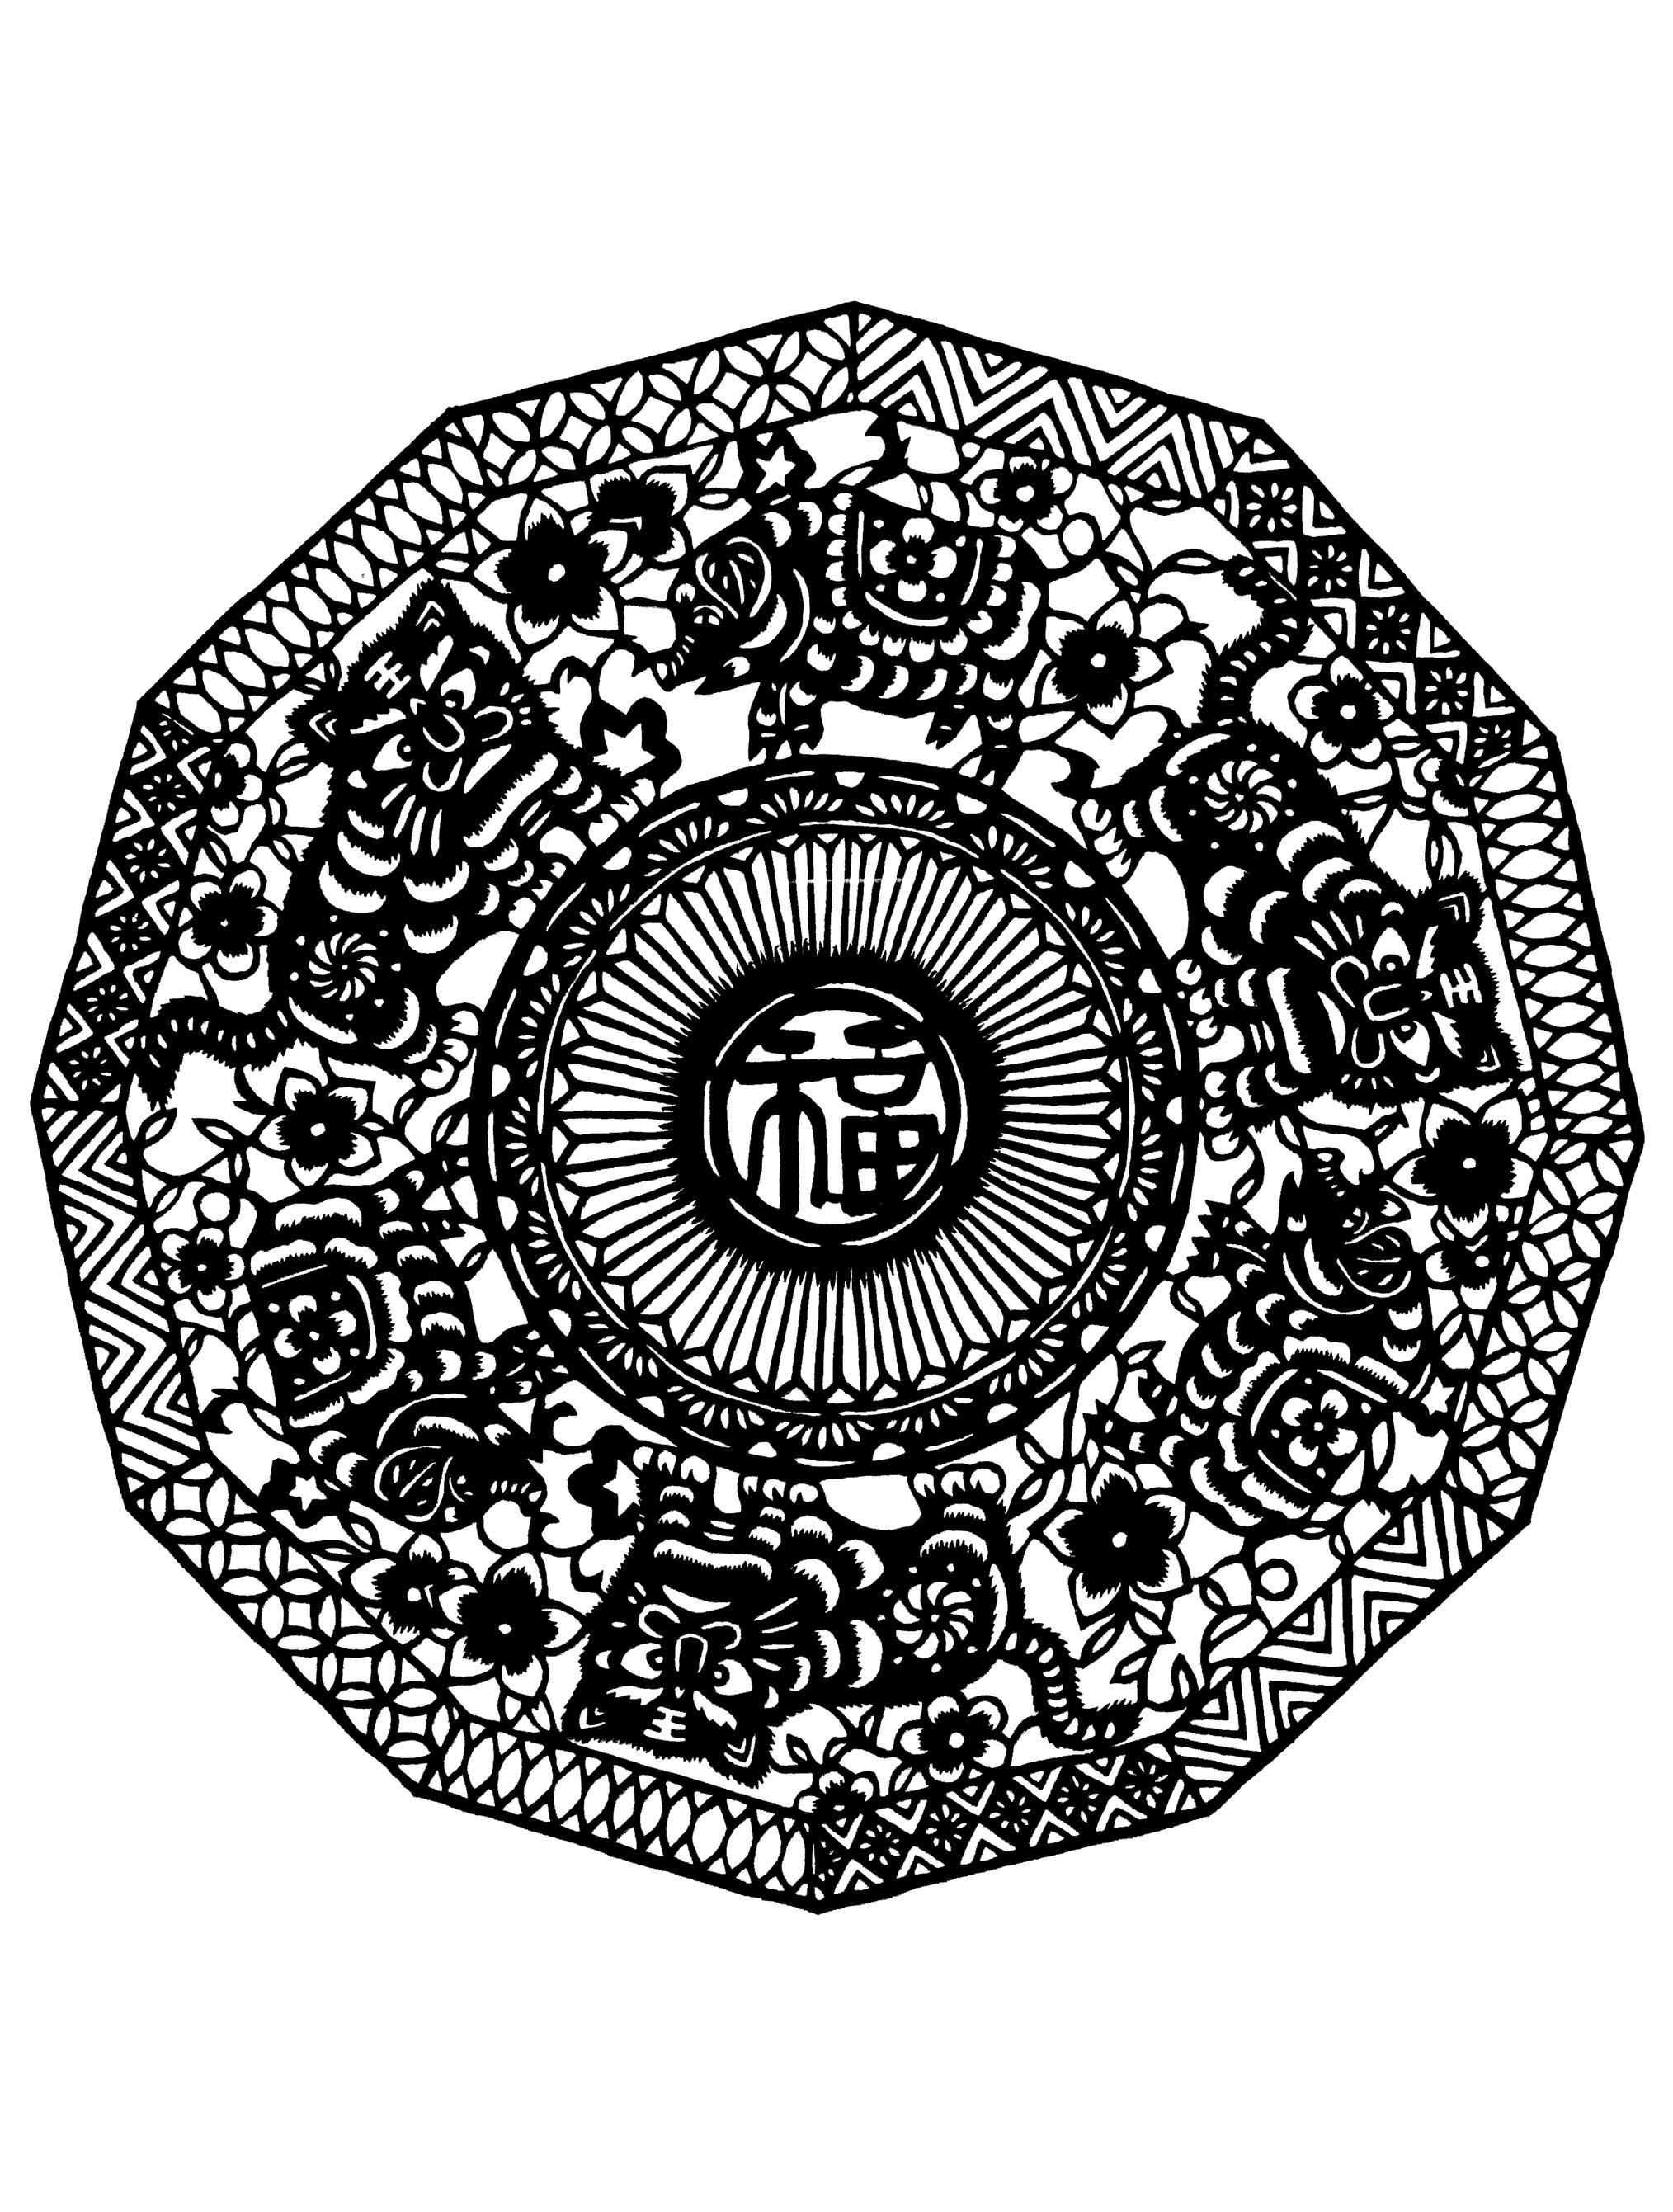 Quand le coloriage est réellement une des pratiques principales de l'Art Thérapie ... Cela donne ce coloriage de Mandala très harmonieux et délicat aux lignes sombres et épaisses. Nous vous conseillons d'utiliser des couleurs claires.